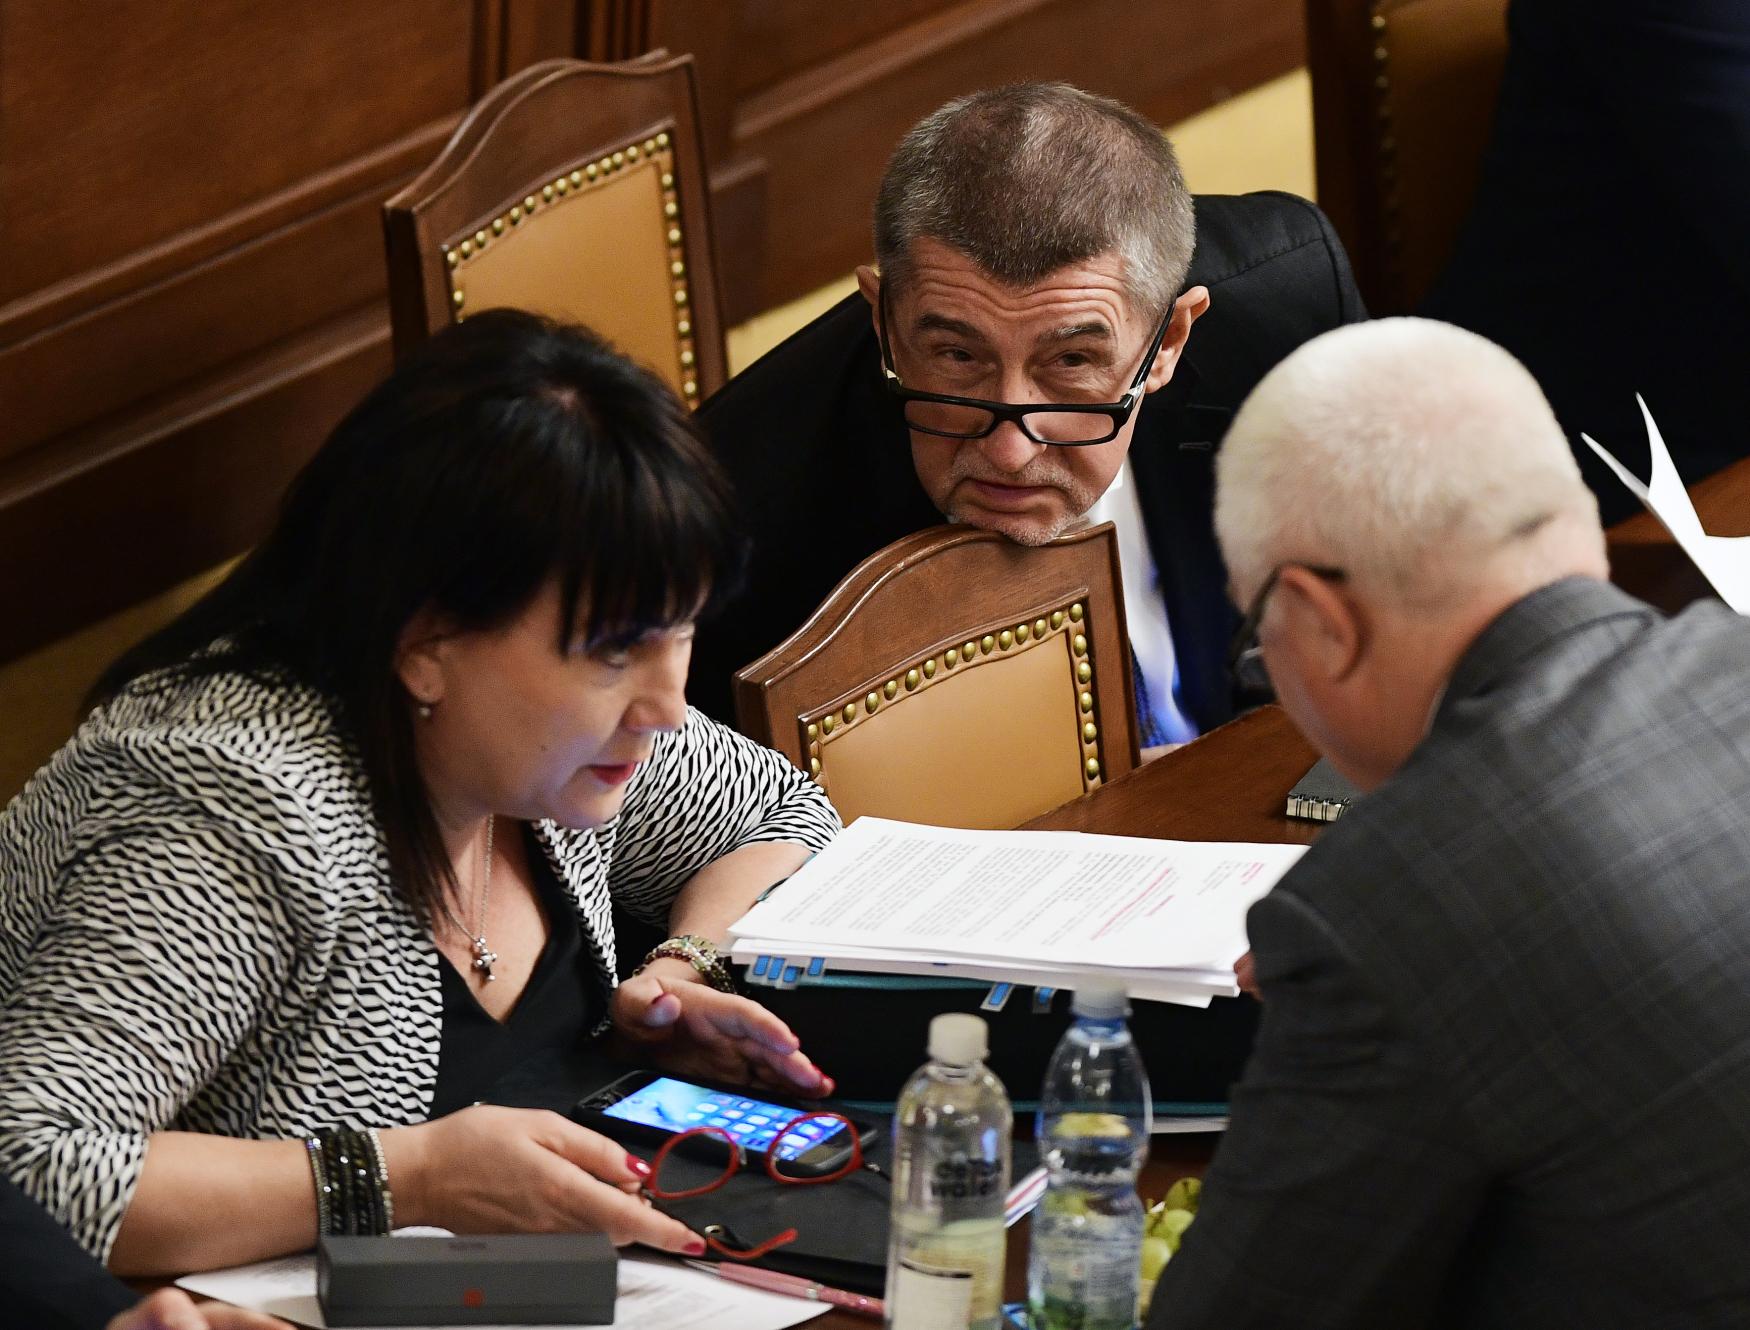 Zleva ministryně financí Alena Schillerová, premiér Andrej Babiš a předseda poslaneckého klubu ANO Jaroslav Faltýnek